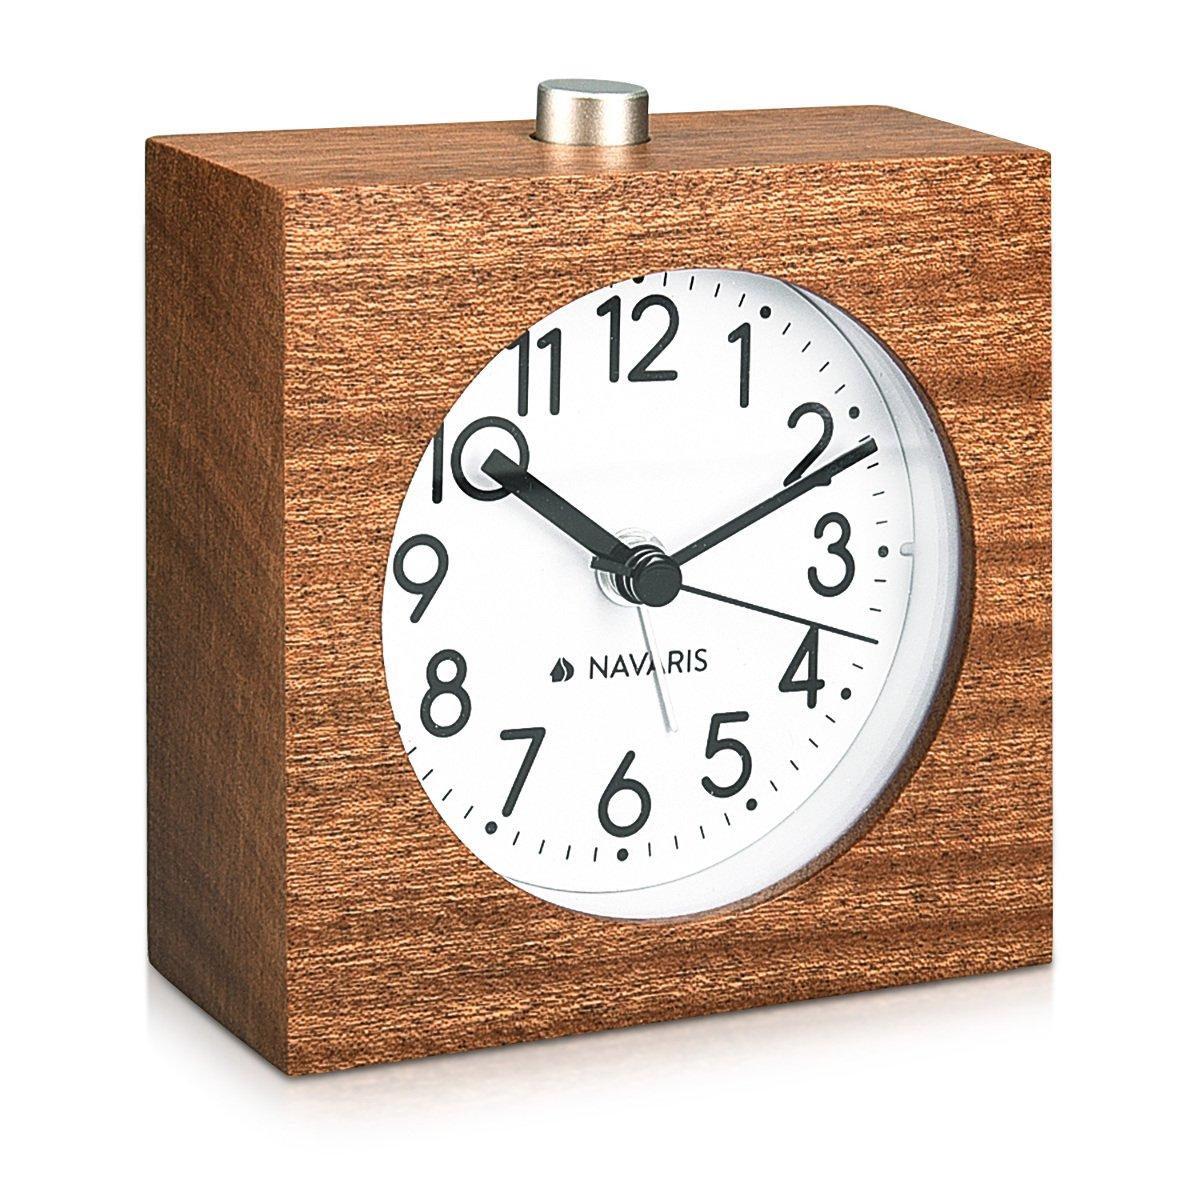 Reloj vintage de madera antiguohttps://amzn.to/2SNxFwx